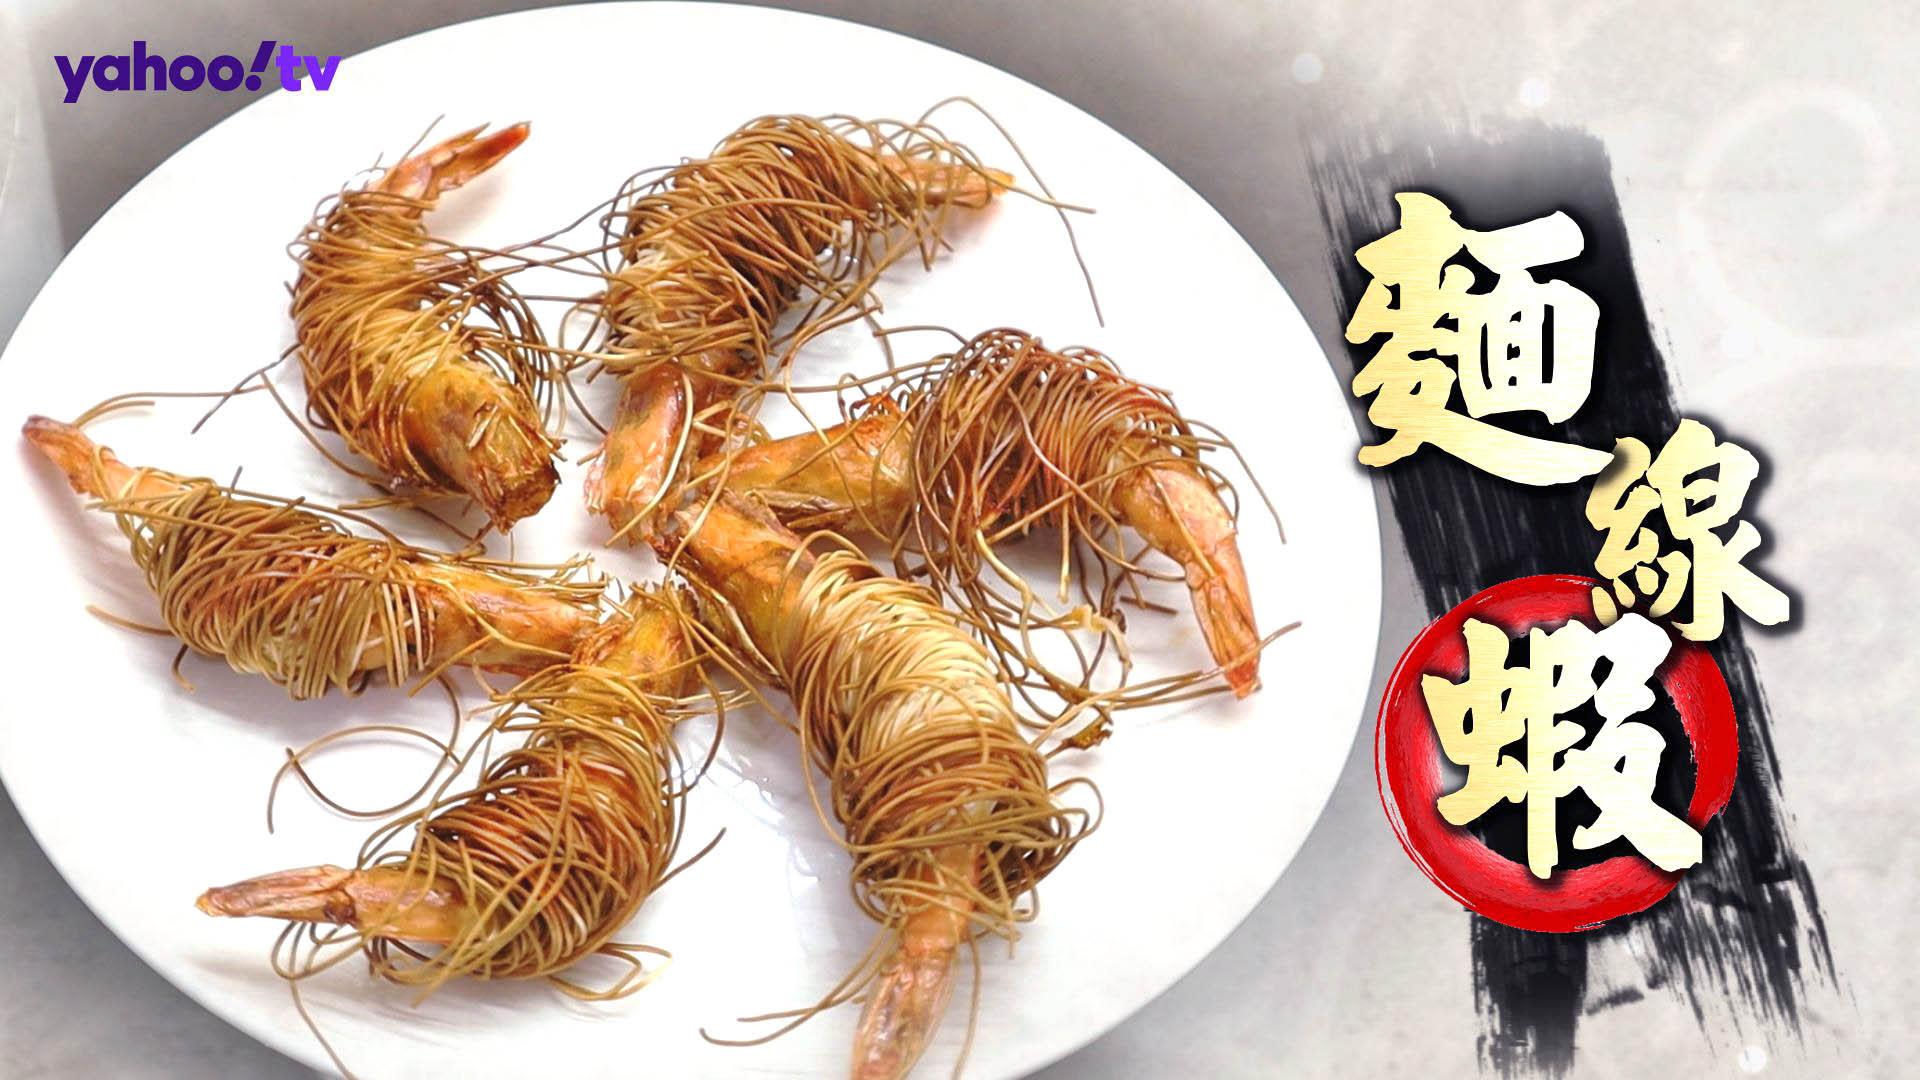 有夠簡單的氣炸黃金麵線蝦 過年端出這道超霸氣【氣炸鍋出年菜】